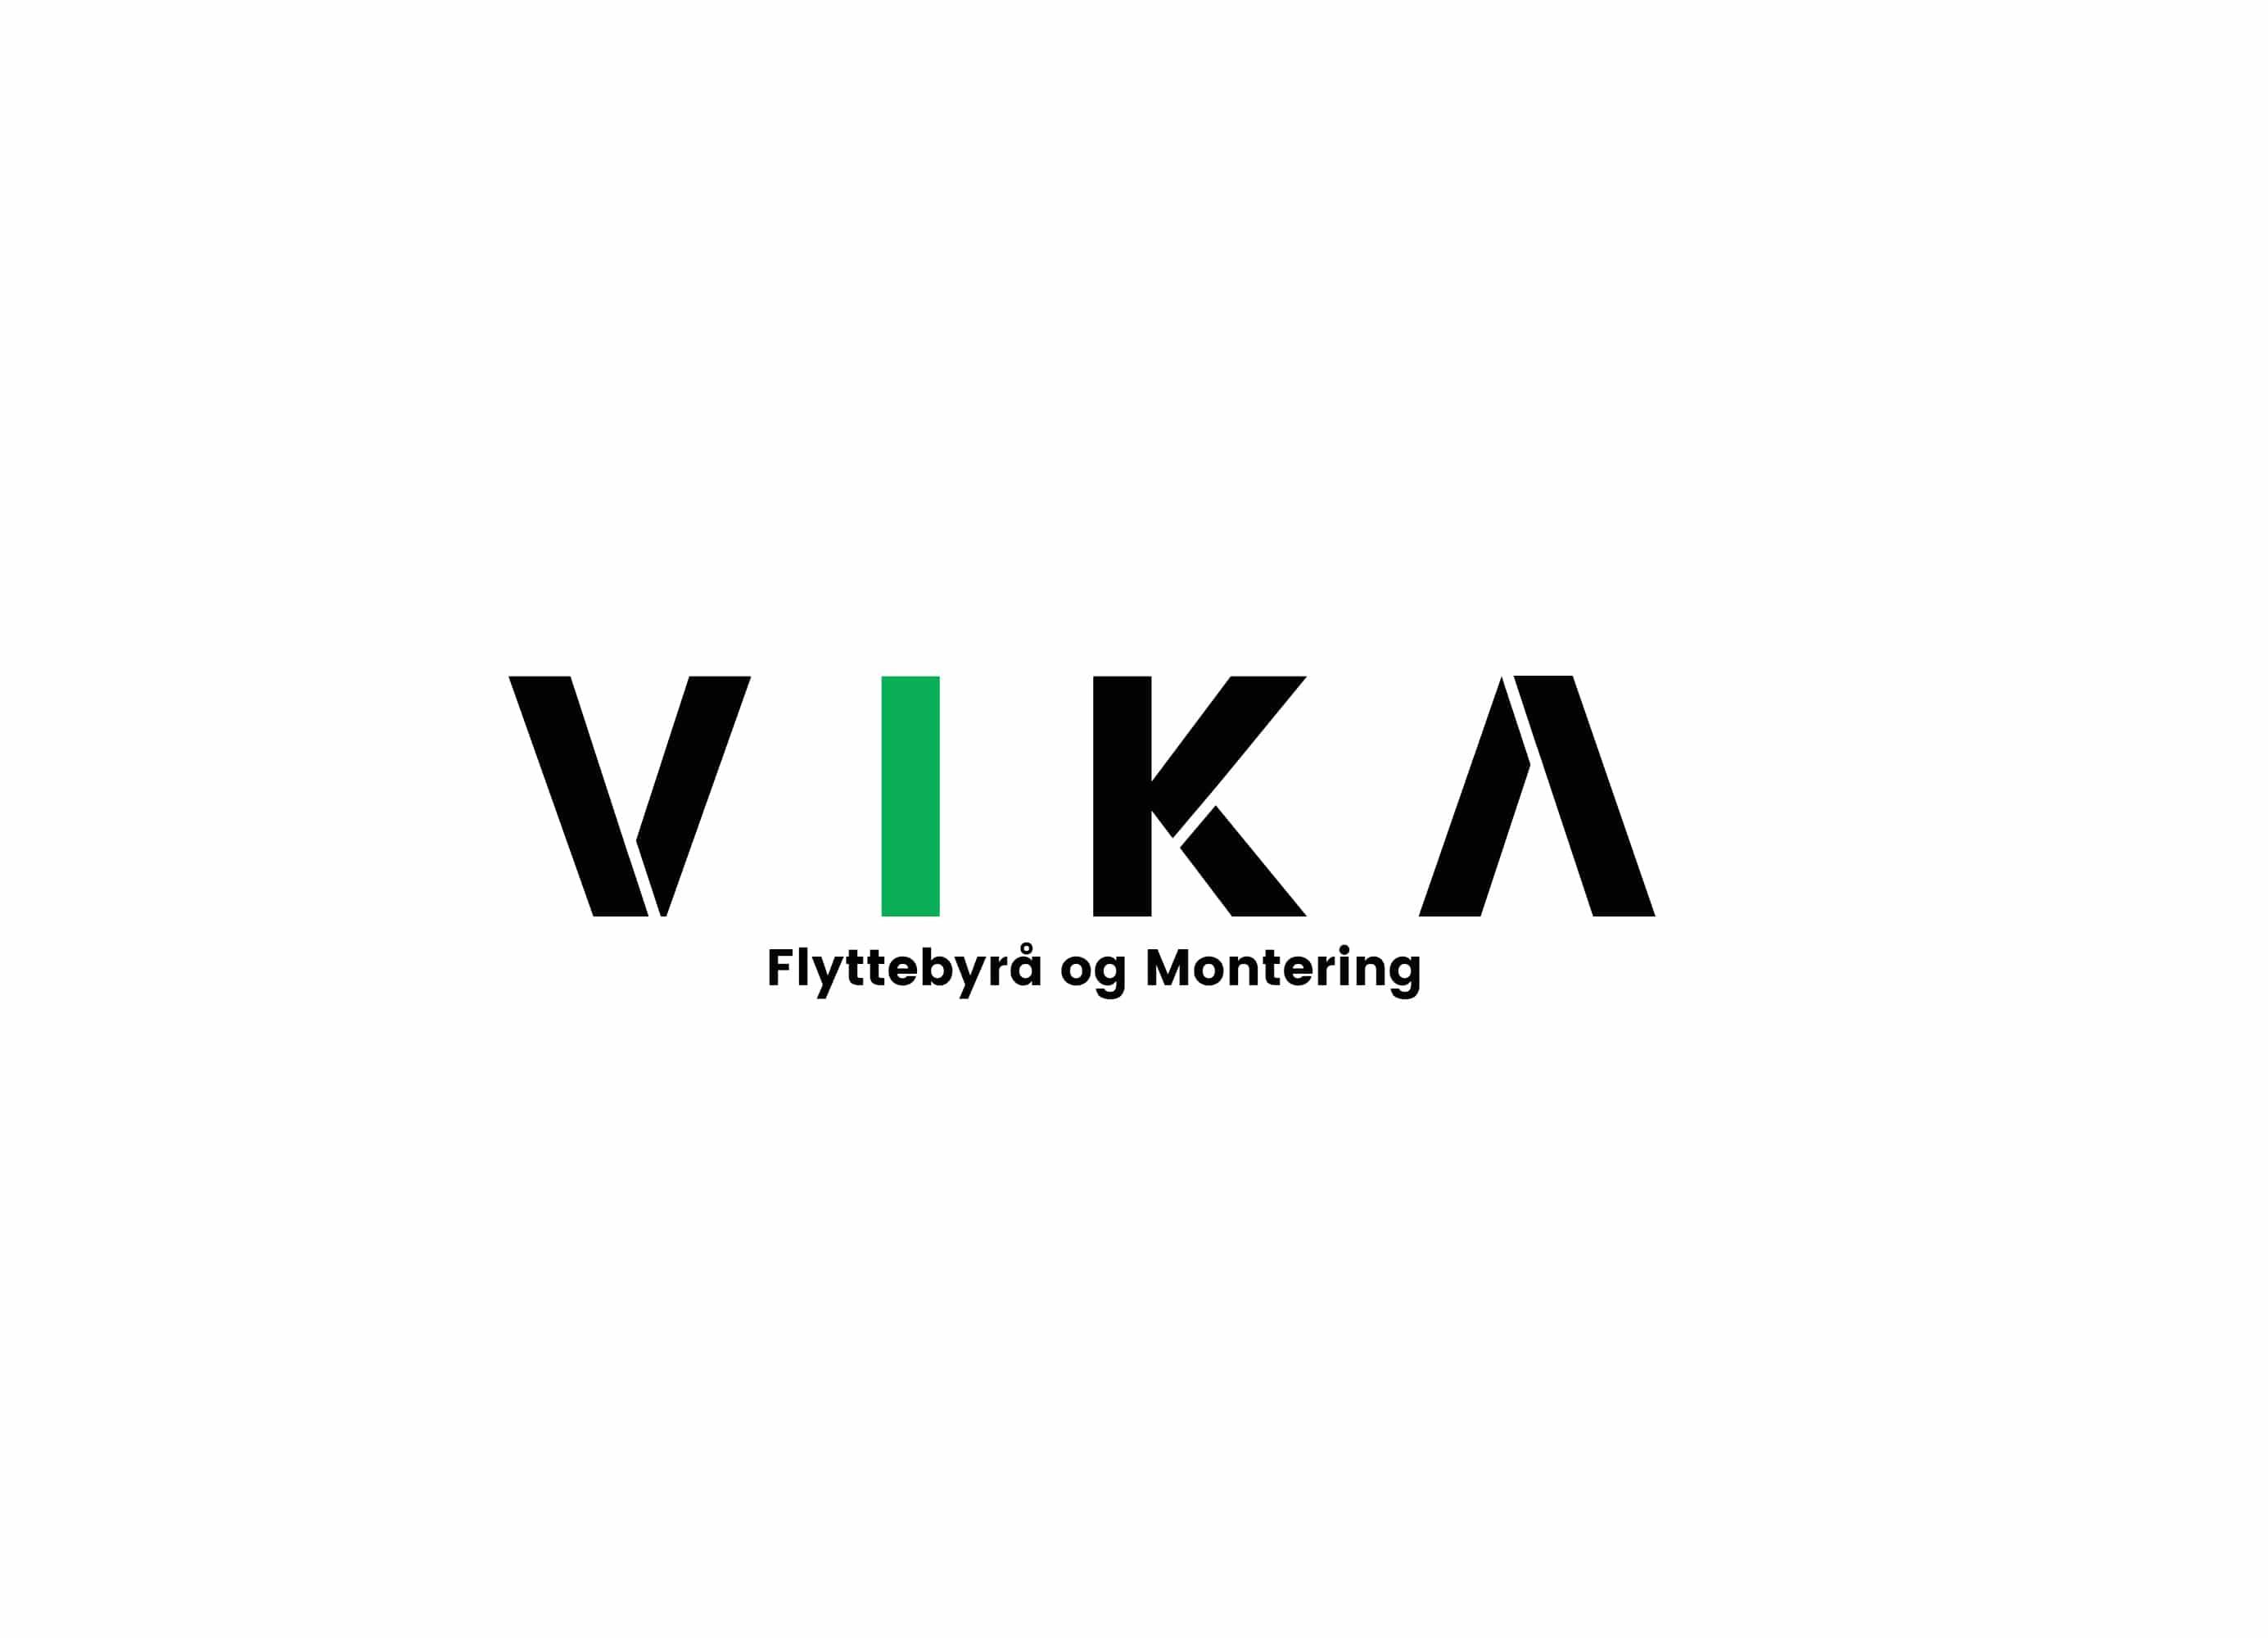 Vika Flyttebyrå og Montering